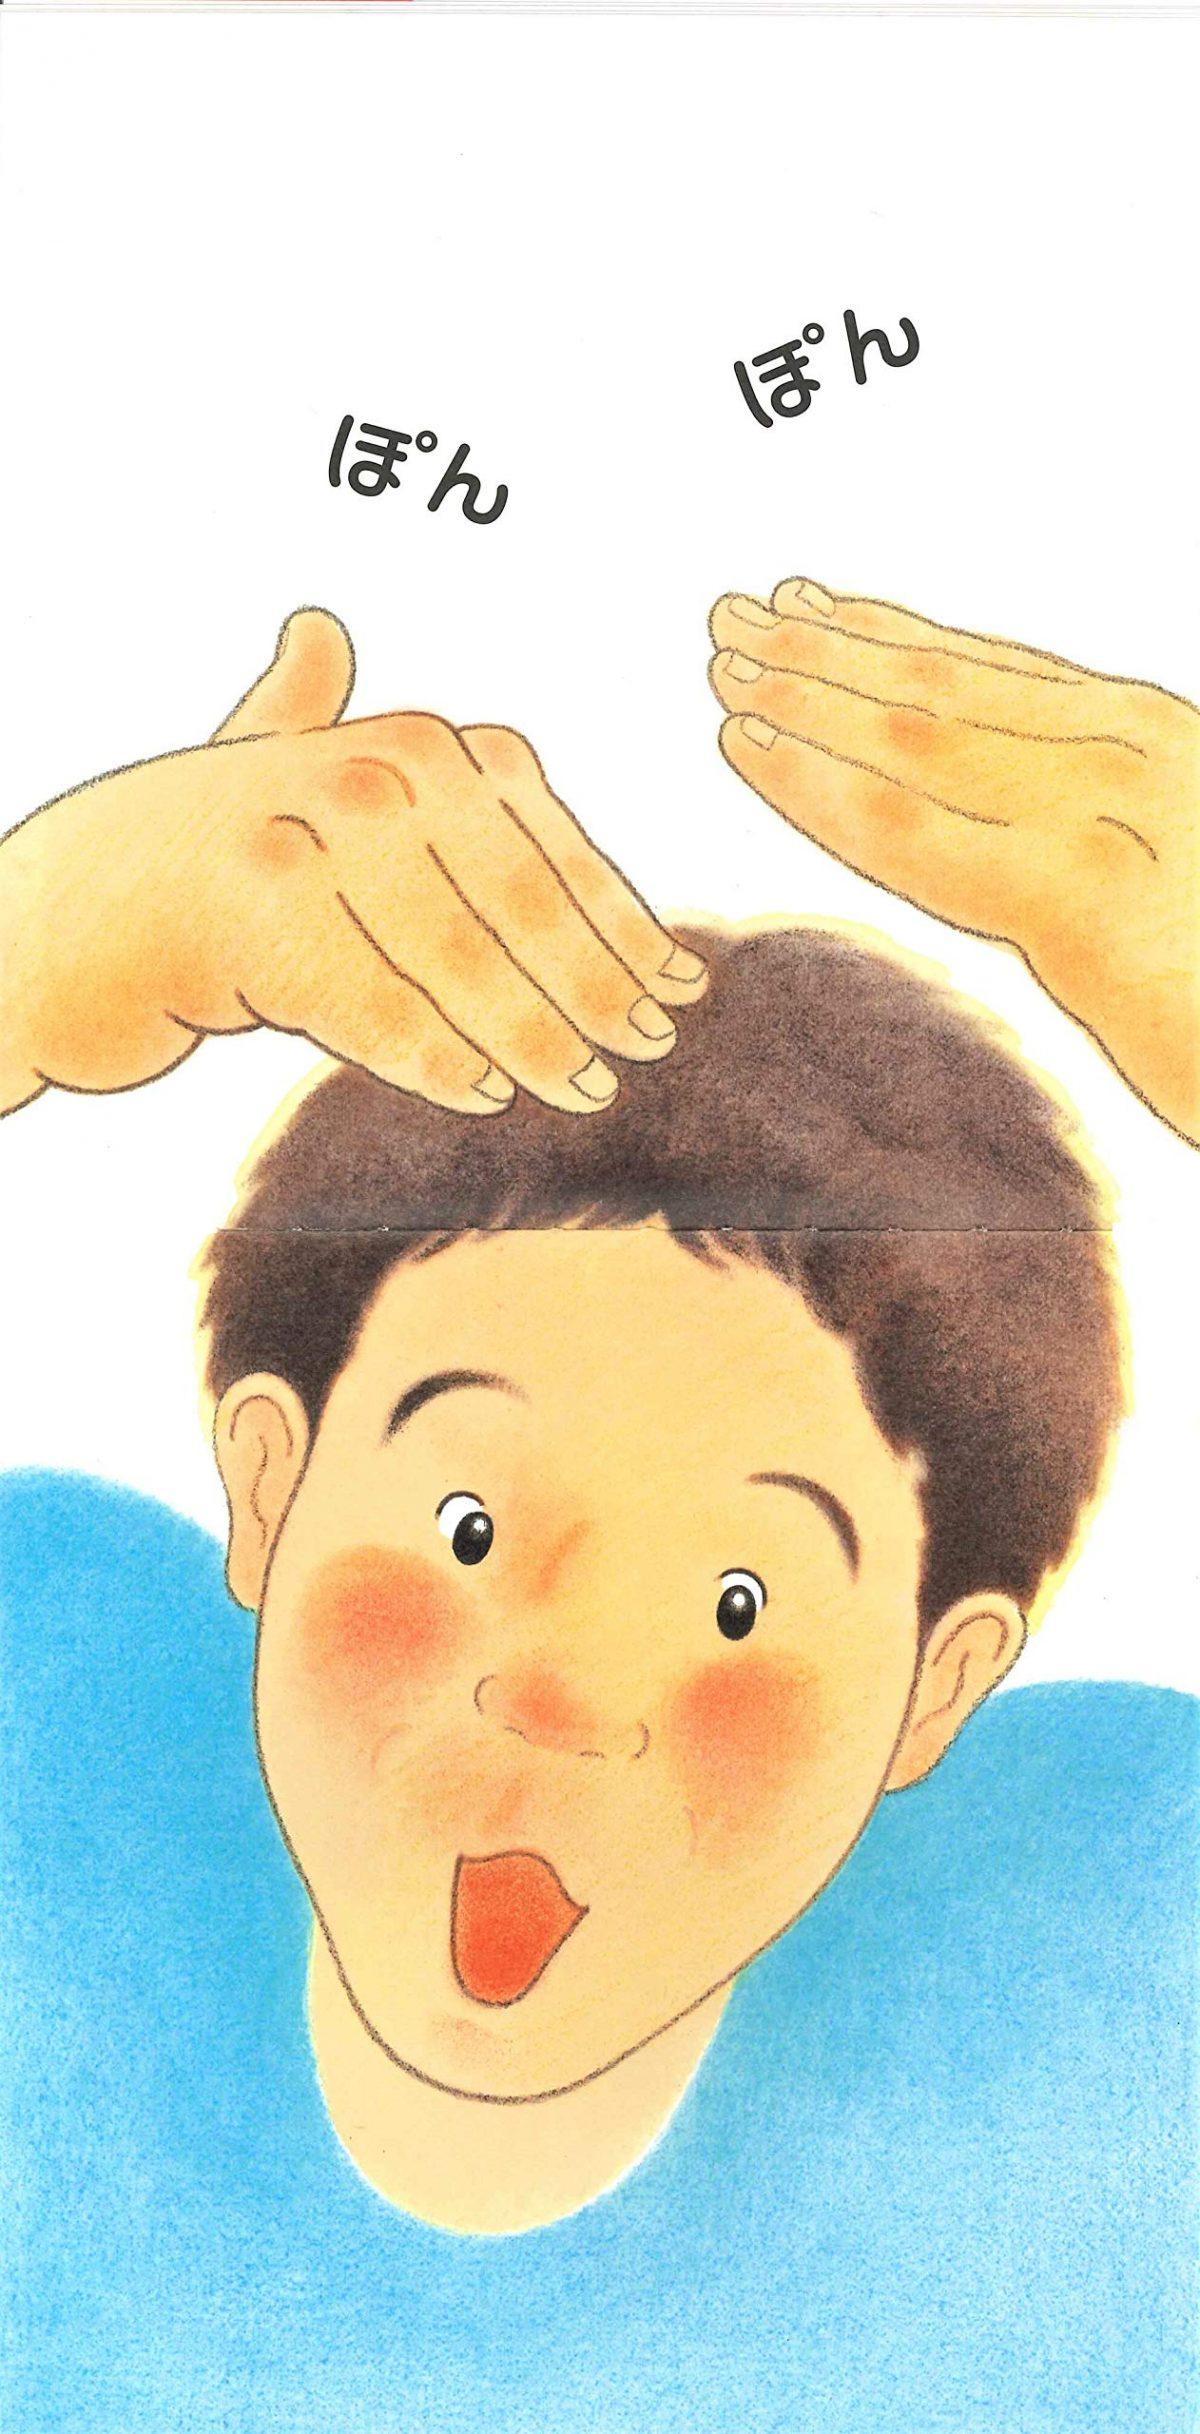 絵本「ぽんぽんぽん」の一コマ4